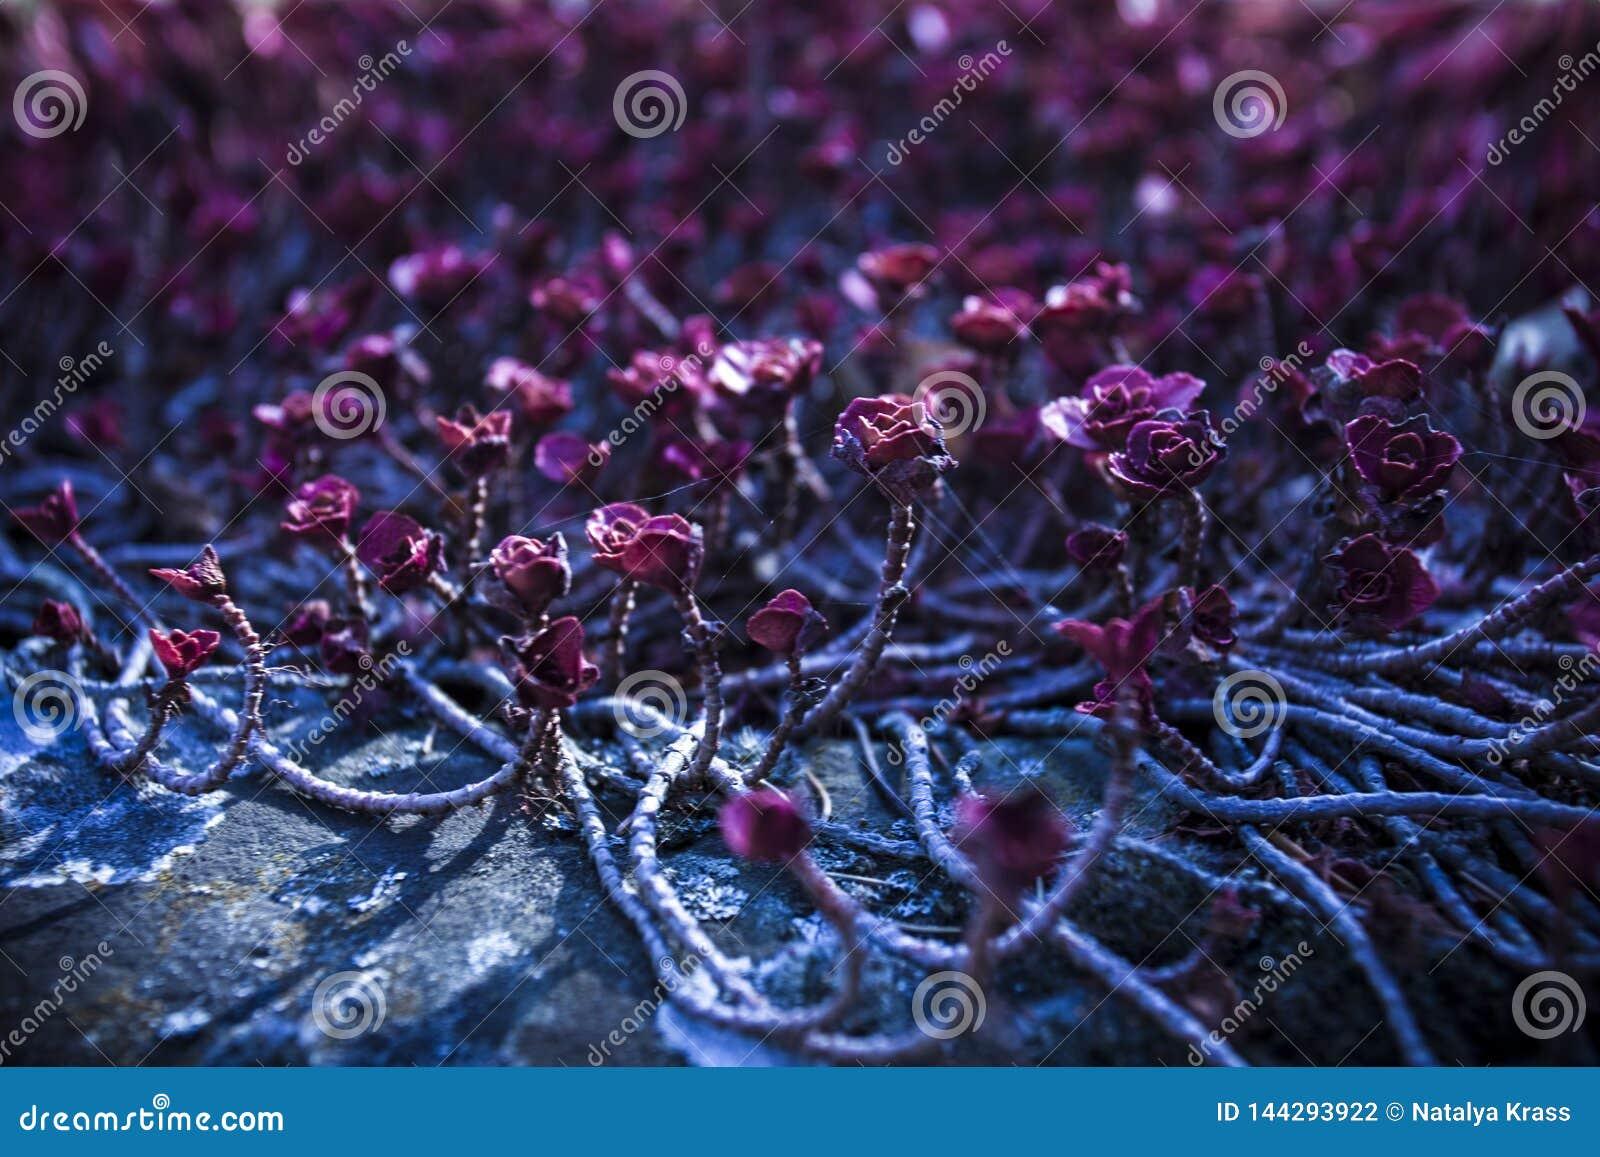 Kleine pinkfarbene Blumen, die entlang den Boden auf einem dunkelblauen Hintergrund kriechen